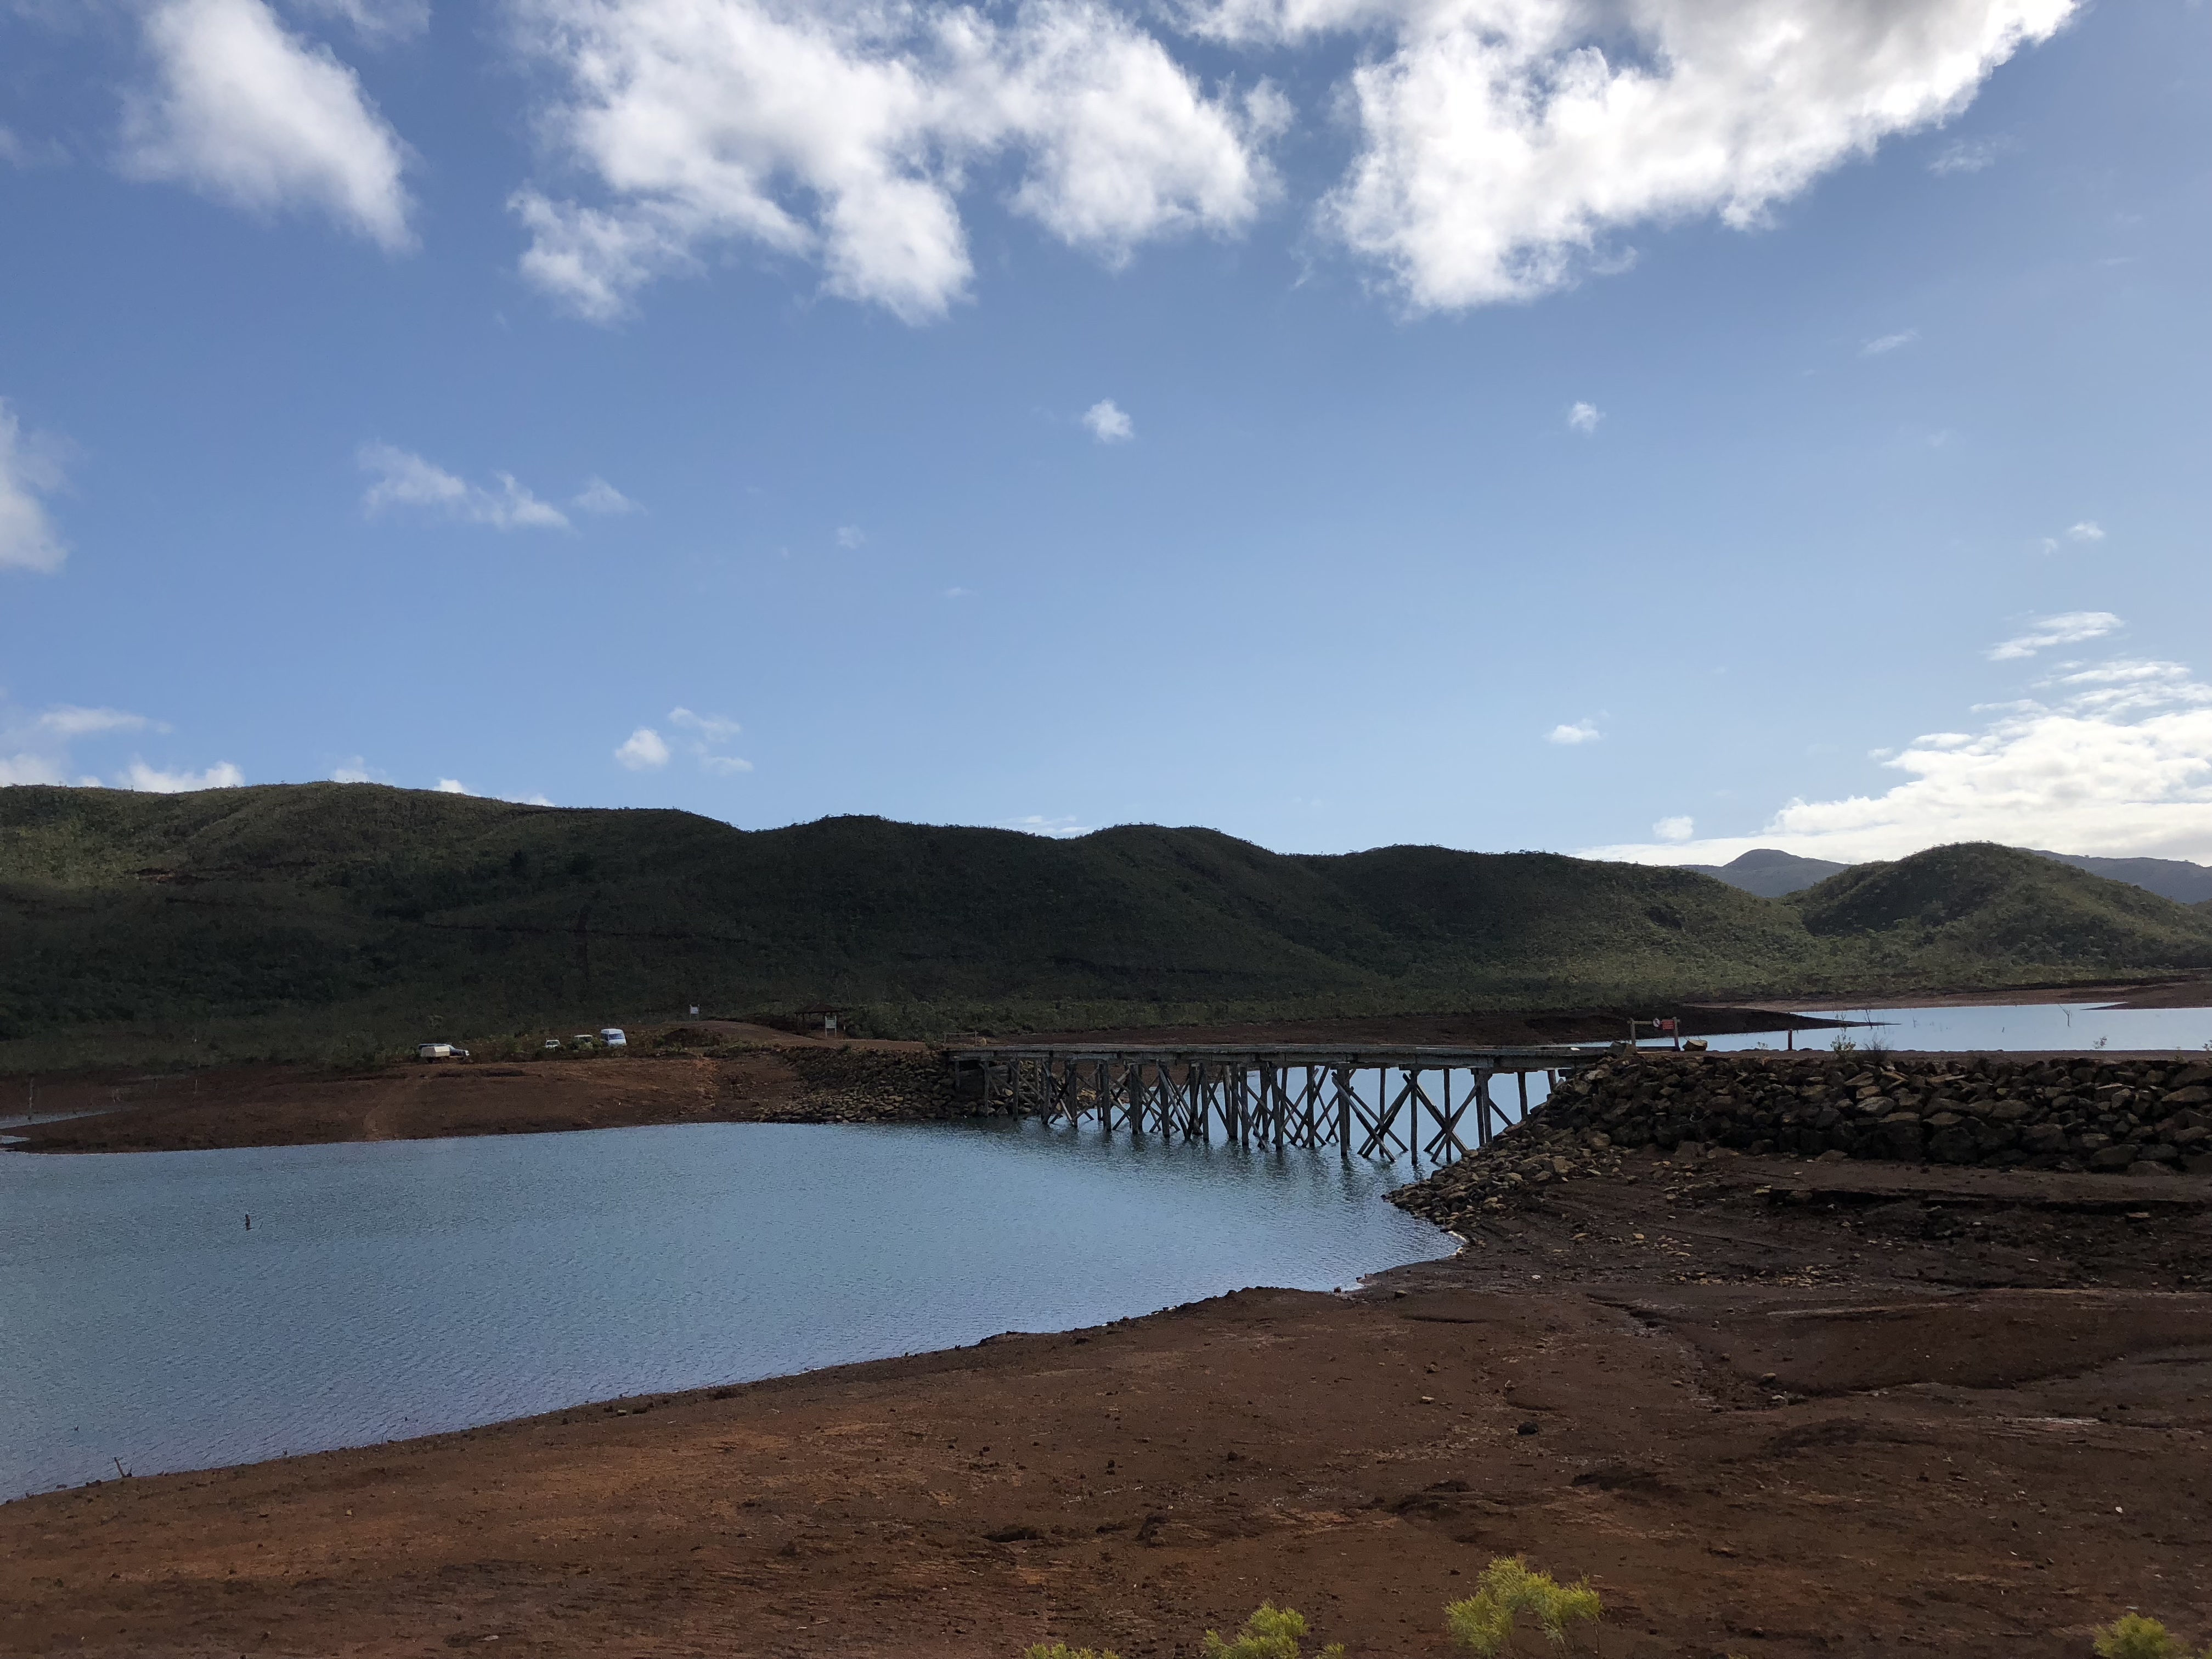 ニューカレドニアの写真で動画作ってみました